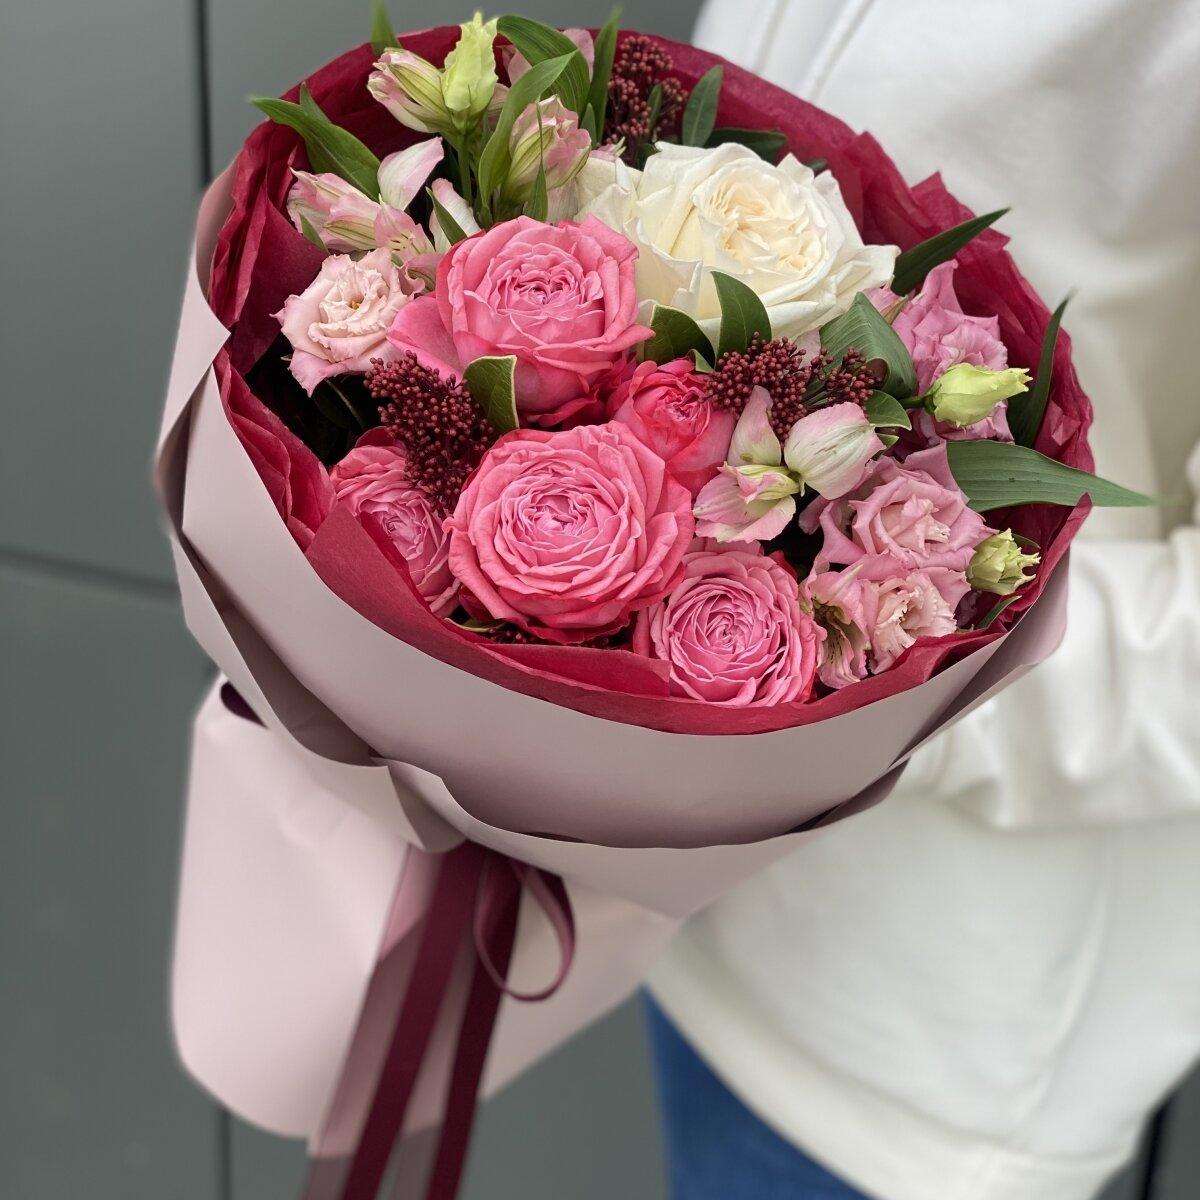 Букет Монмантр из альстромерии, кустовой пионовидной и одноголовой розы, скиммии и эустомы